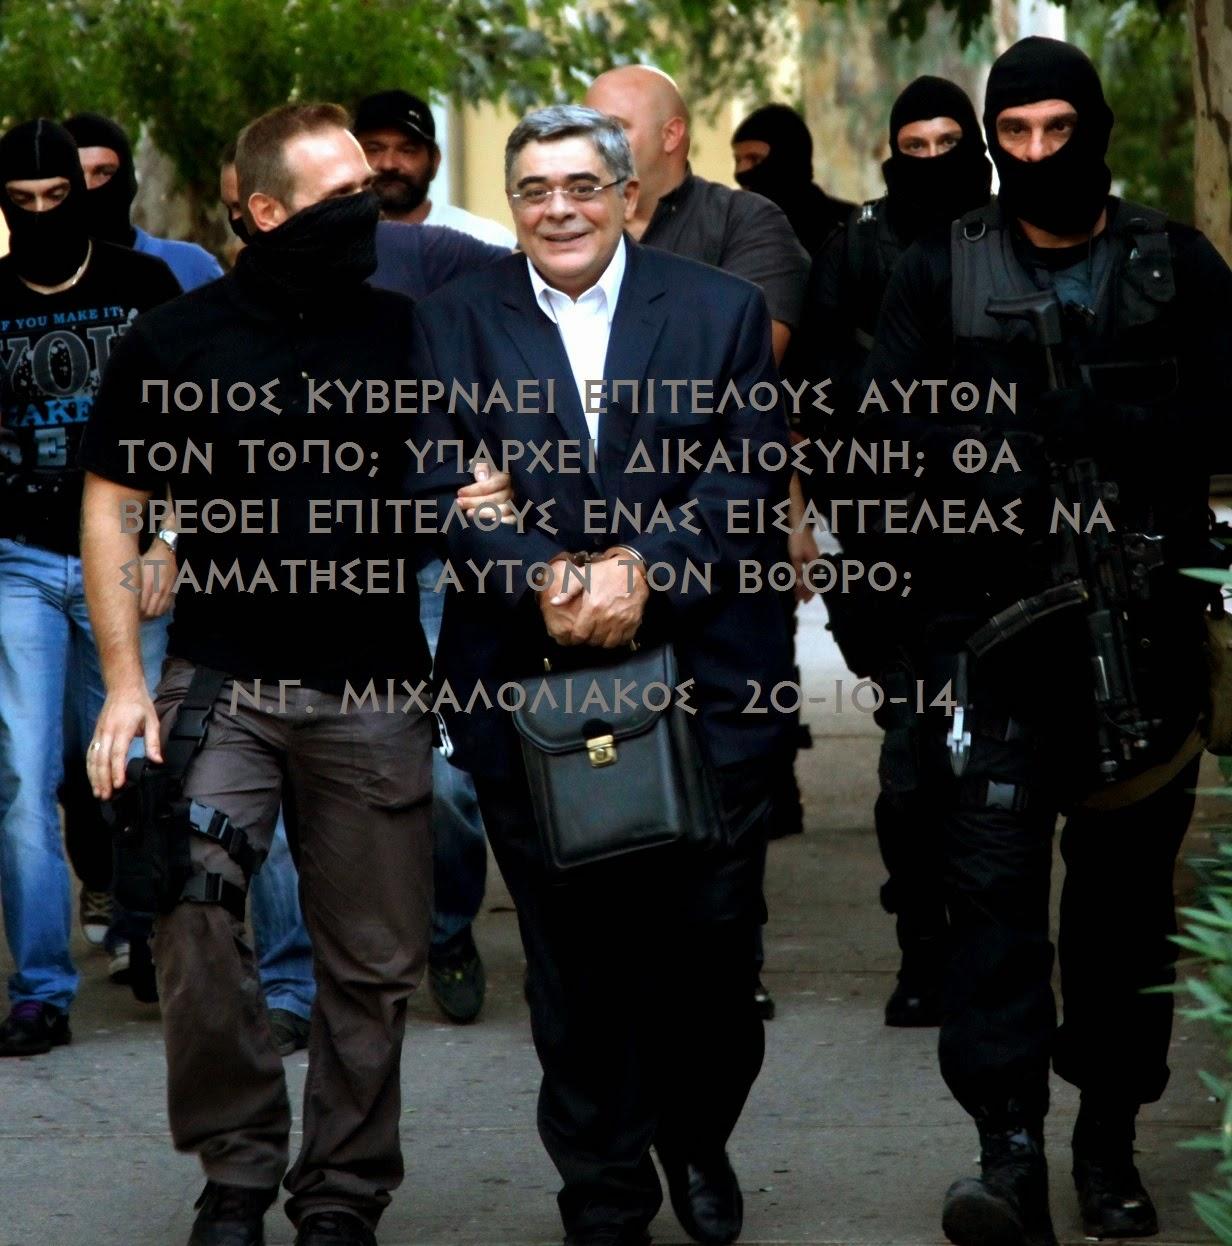 Η εγκληματική οργάνωση του δελτίου των Οκτώ  - Το μήνυμα του Ν. Γ. Μιχαλολιάκου